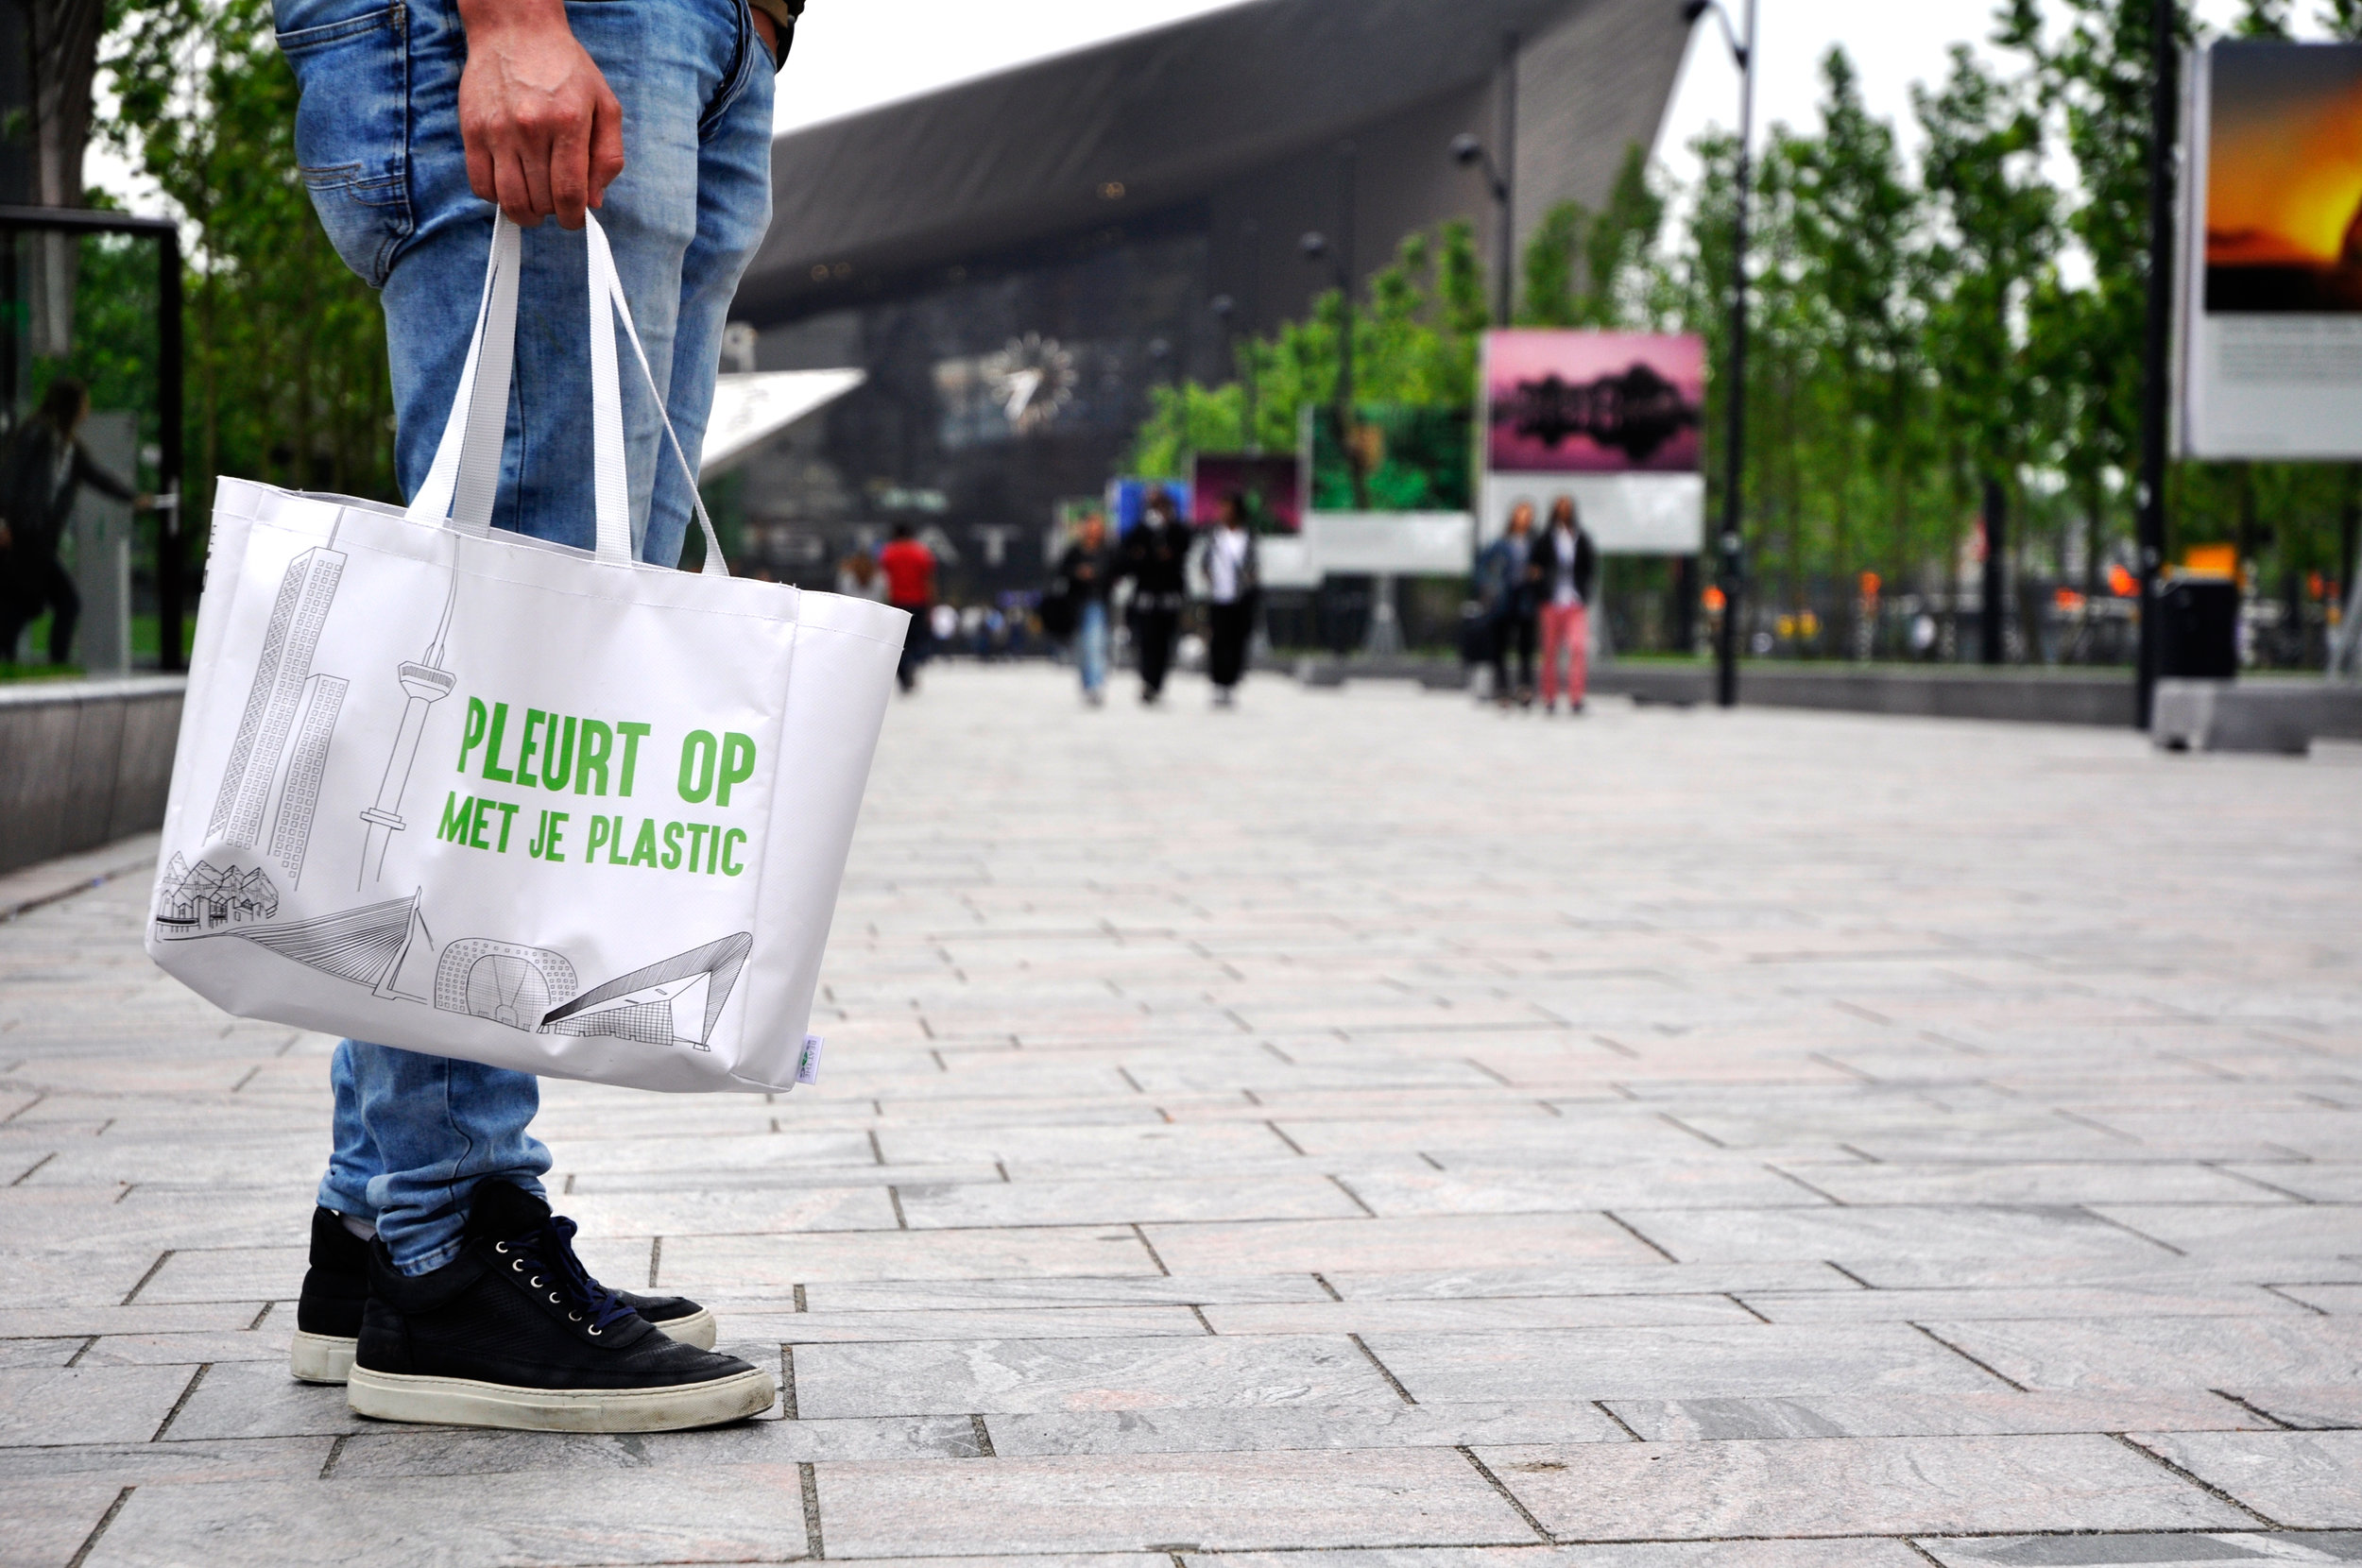 Beating the bag, in Holland. Image credit:  voor de wereld van morgen